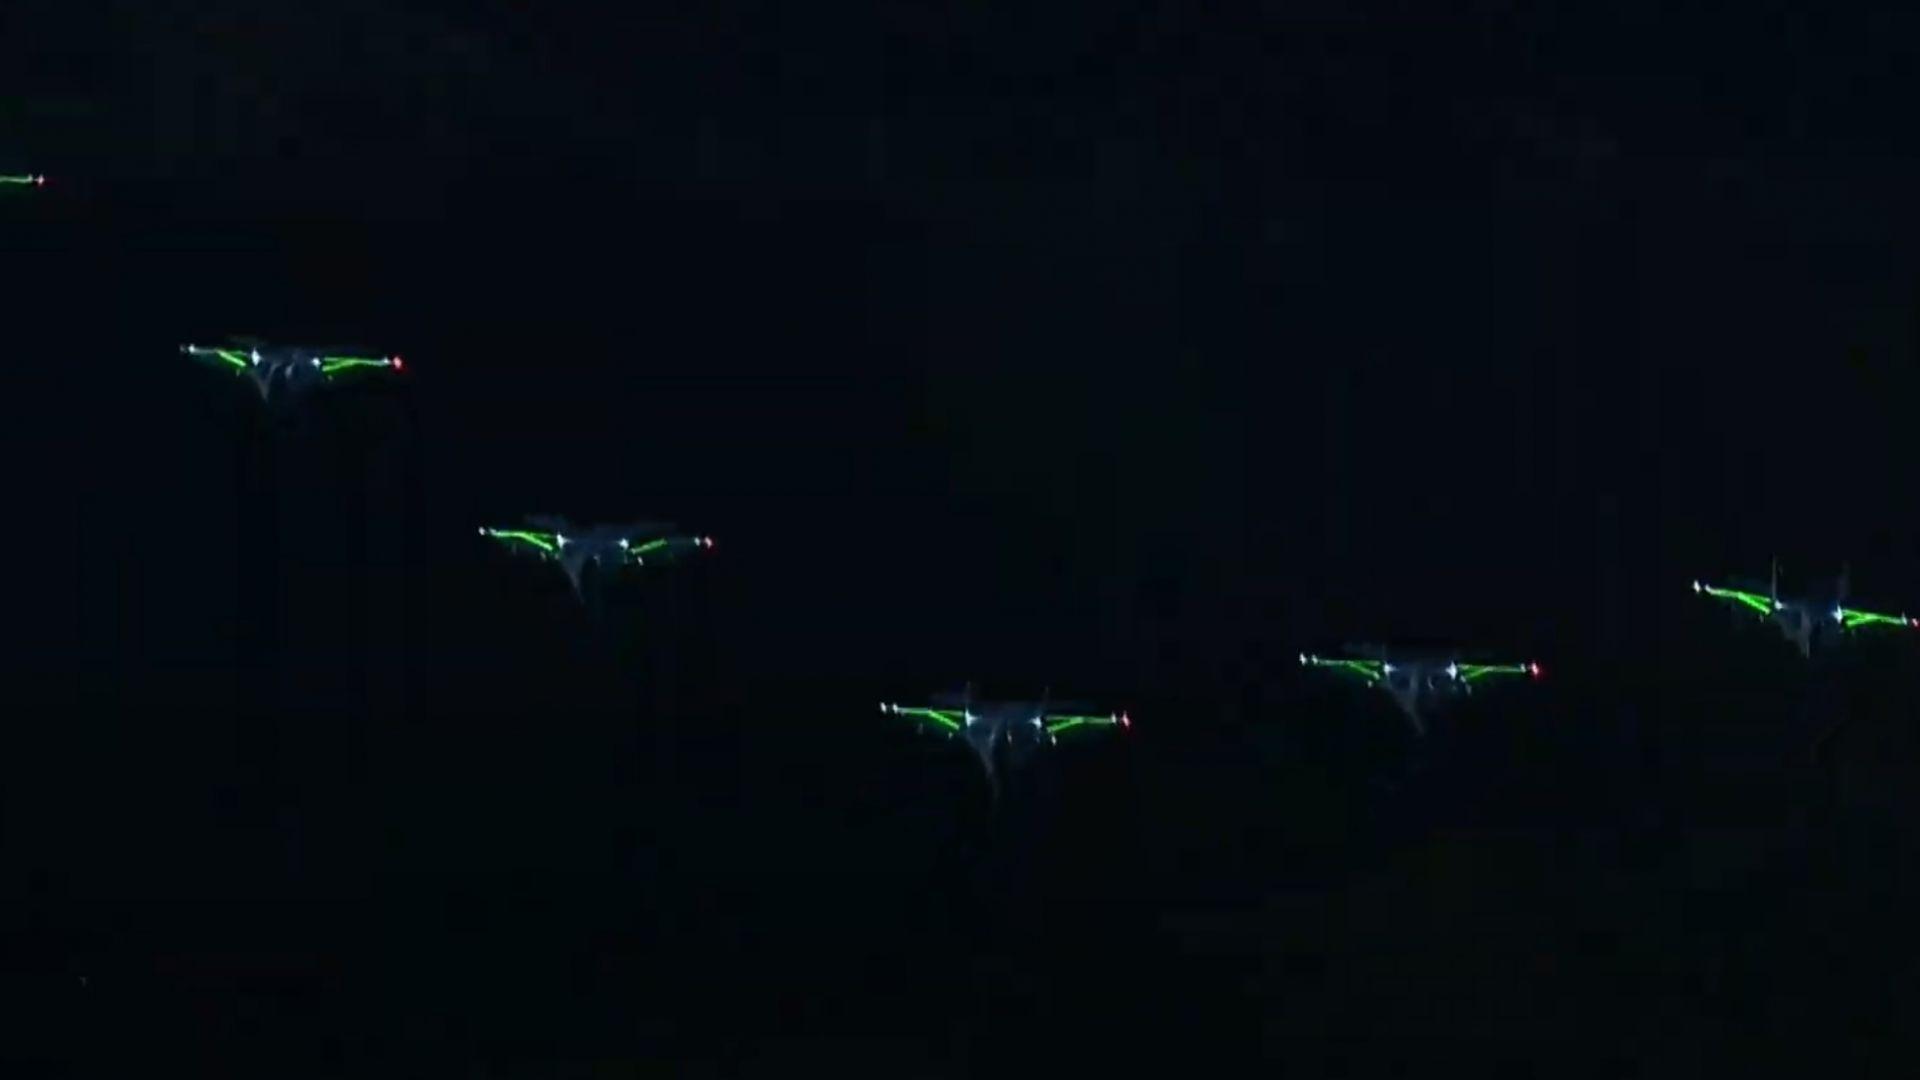 МиГ-29 с LED светлини